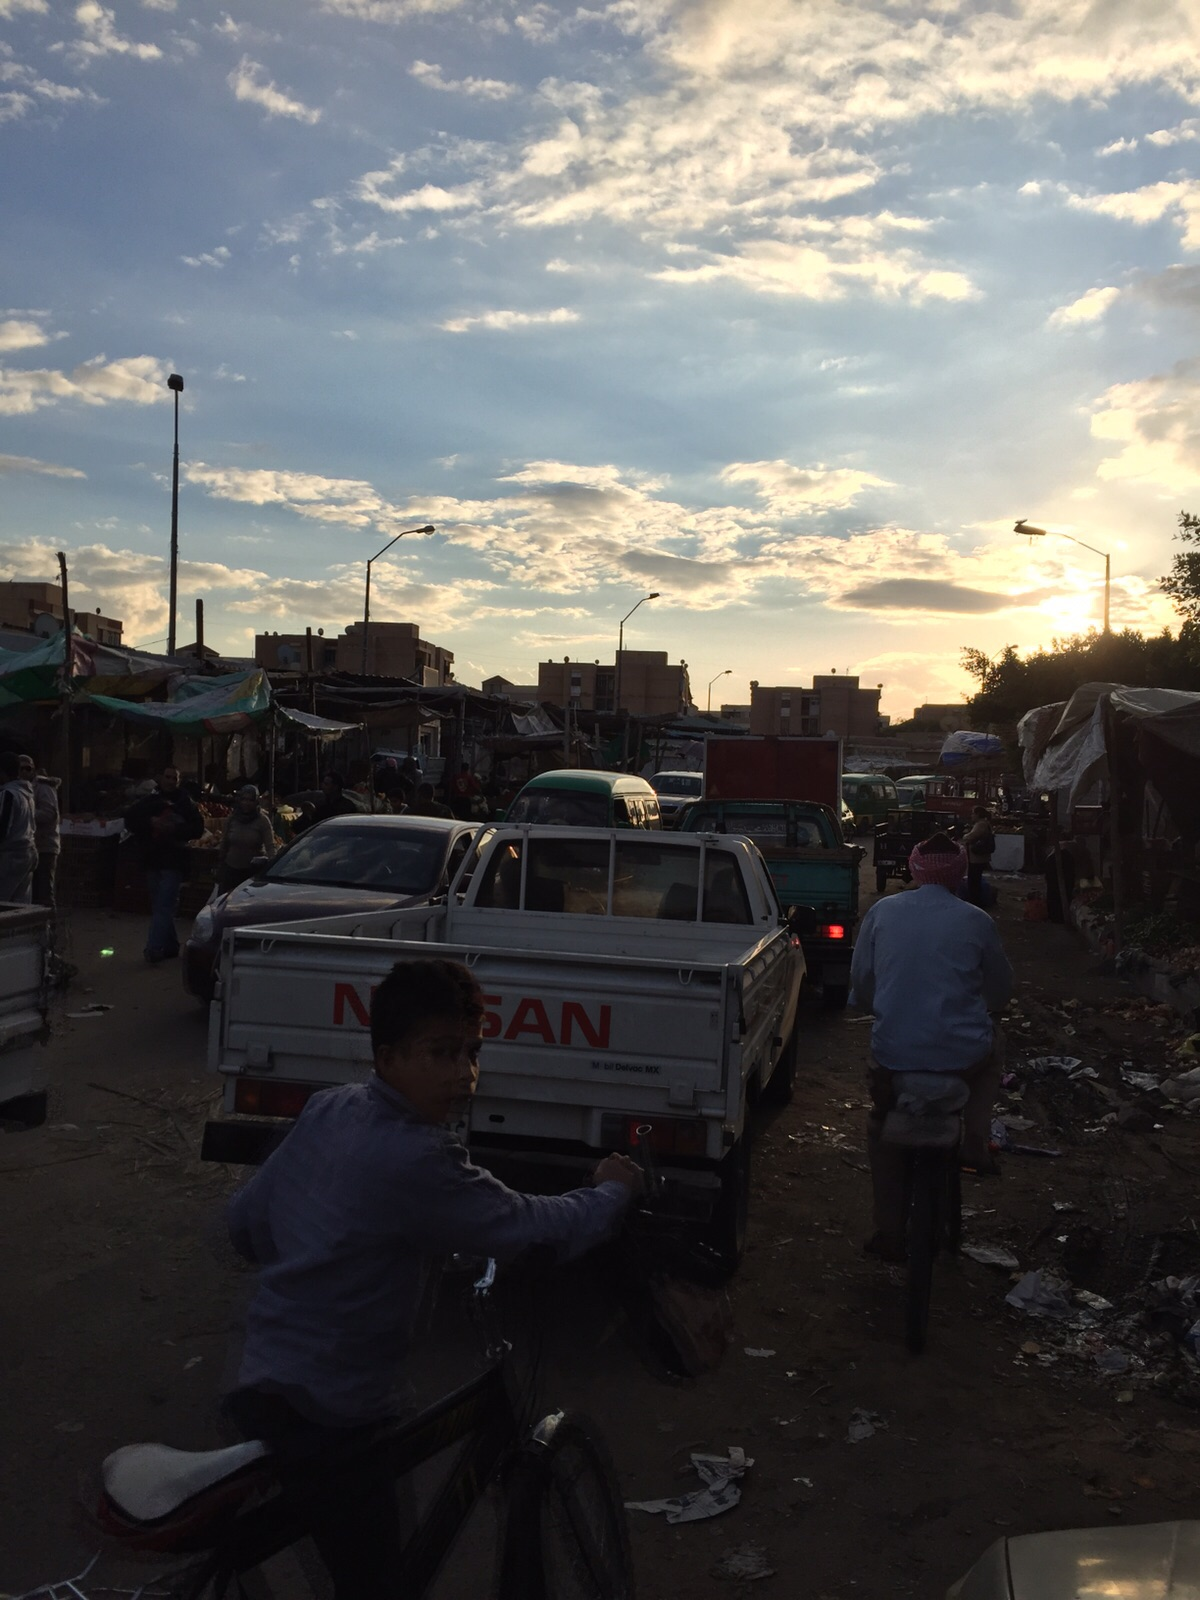 تكدس مروري نتيجة عشوائية سوق الخضار بمدينة السادات